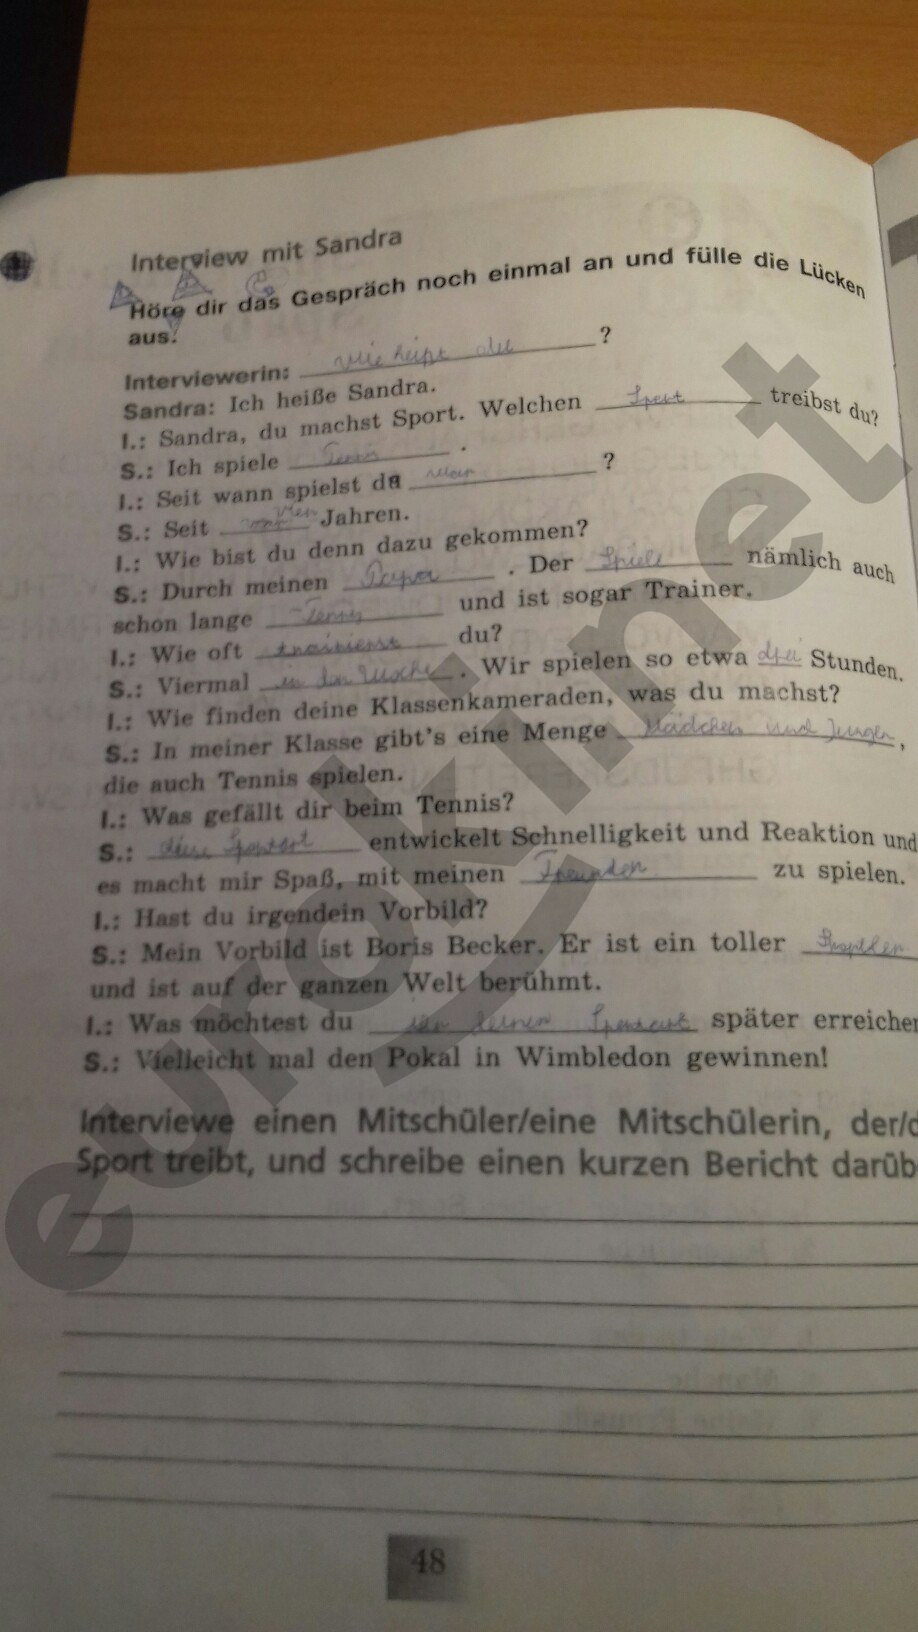 ГДЗ по немецкому языку 6 класс рабочая тетрадь Артемова. Задание: стр. 48